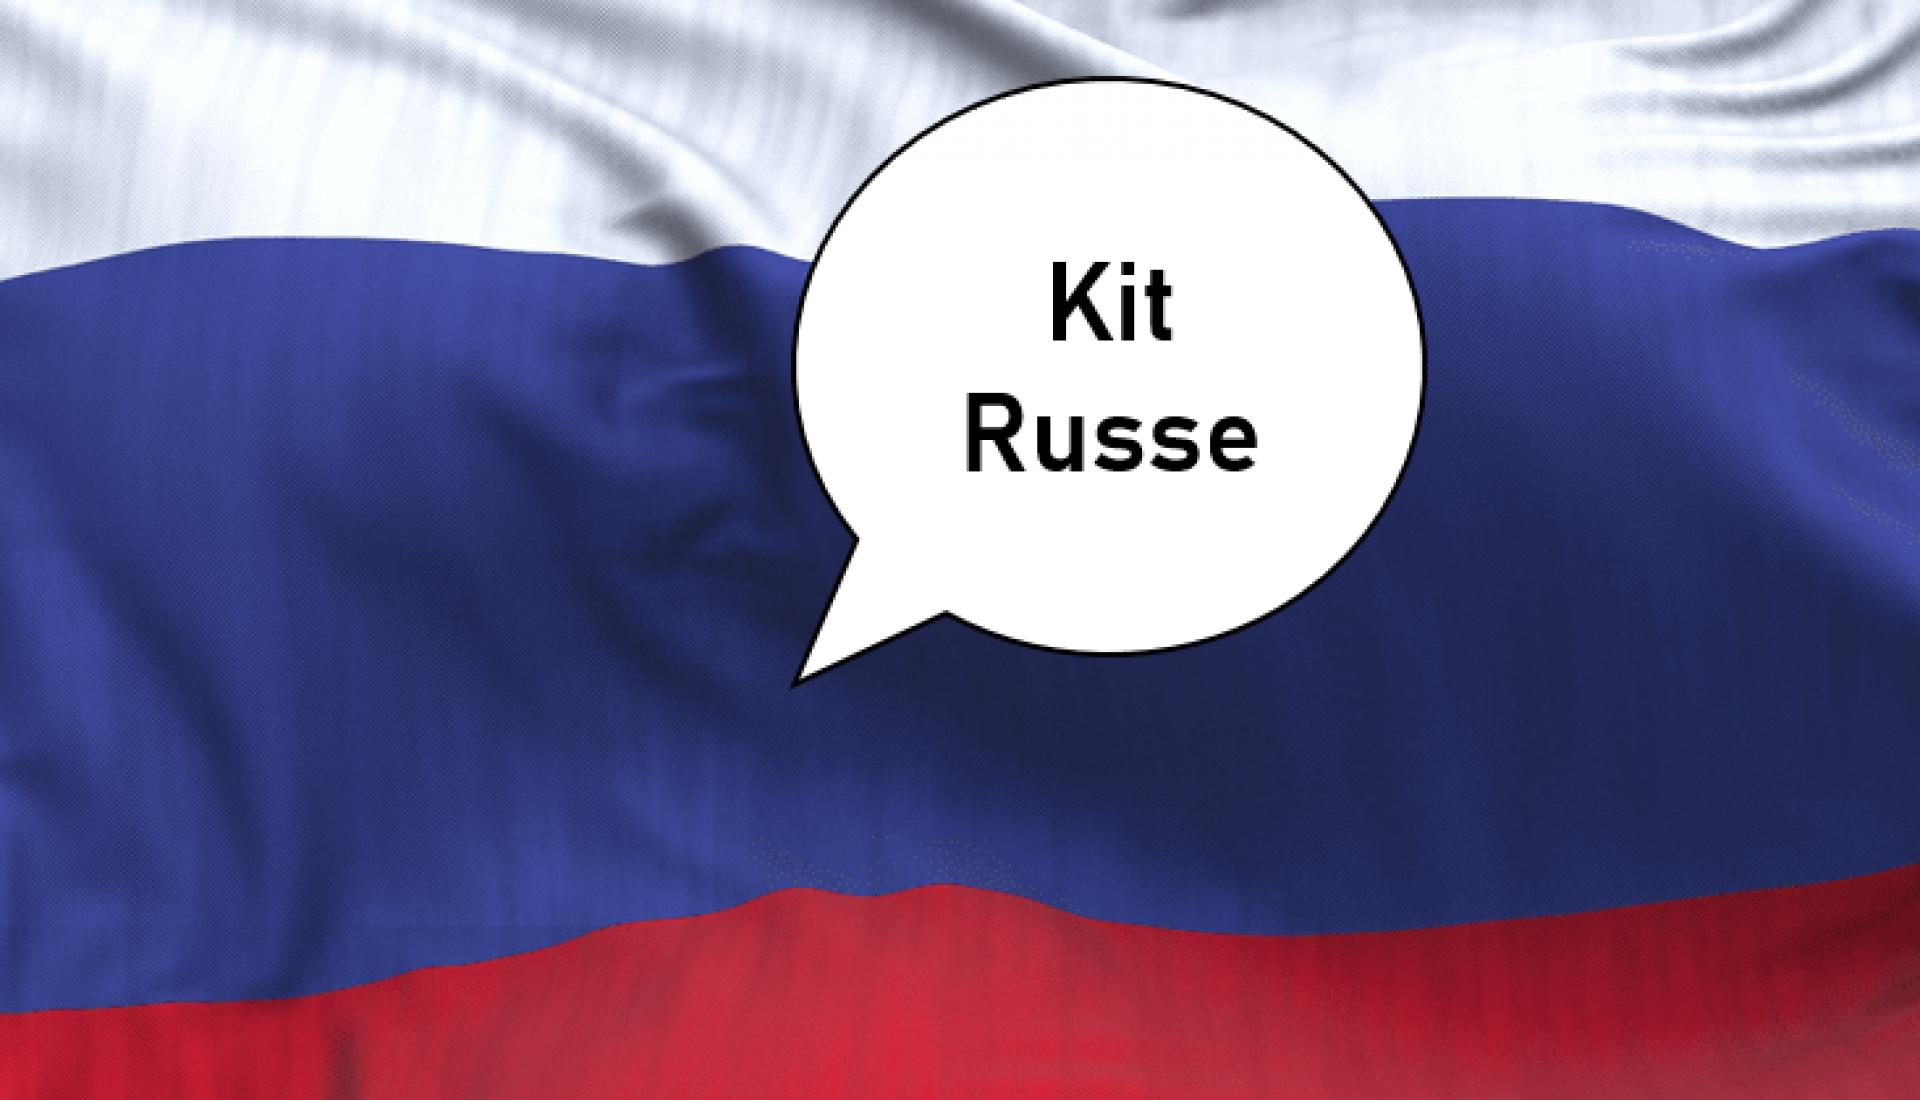 Kit Russe